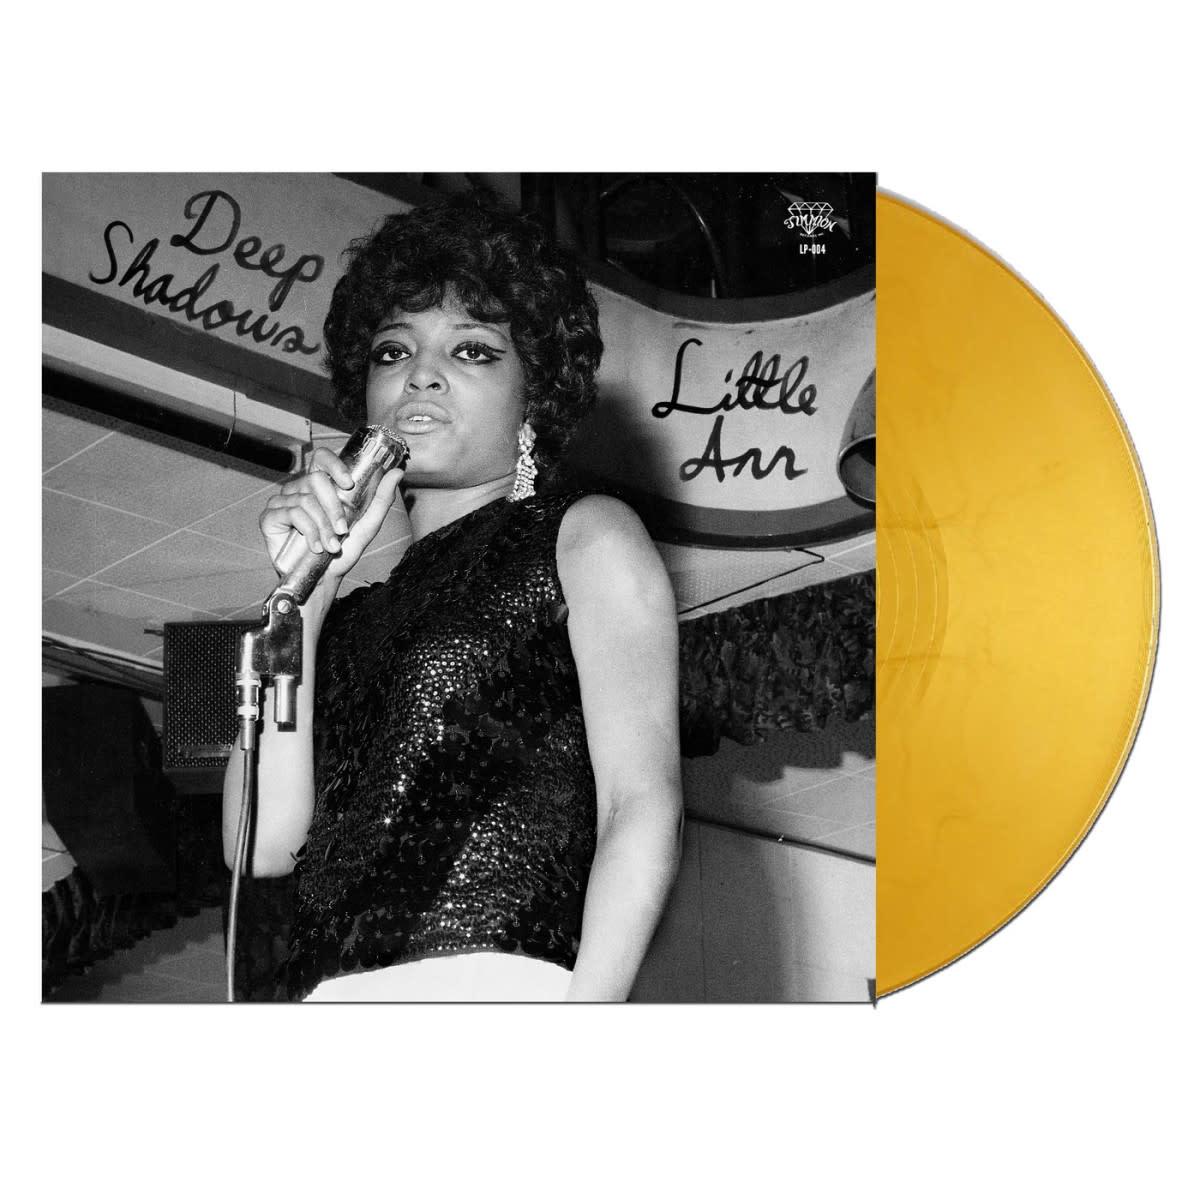 Timmion Little Ann - Deep Shadows (Coloured Vinyl)